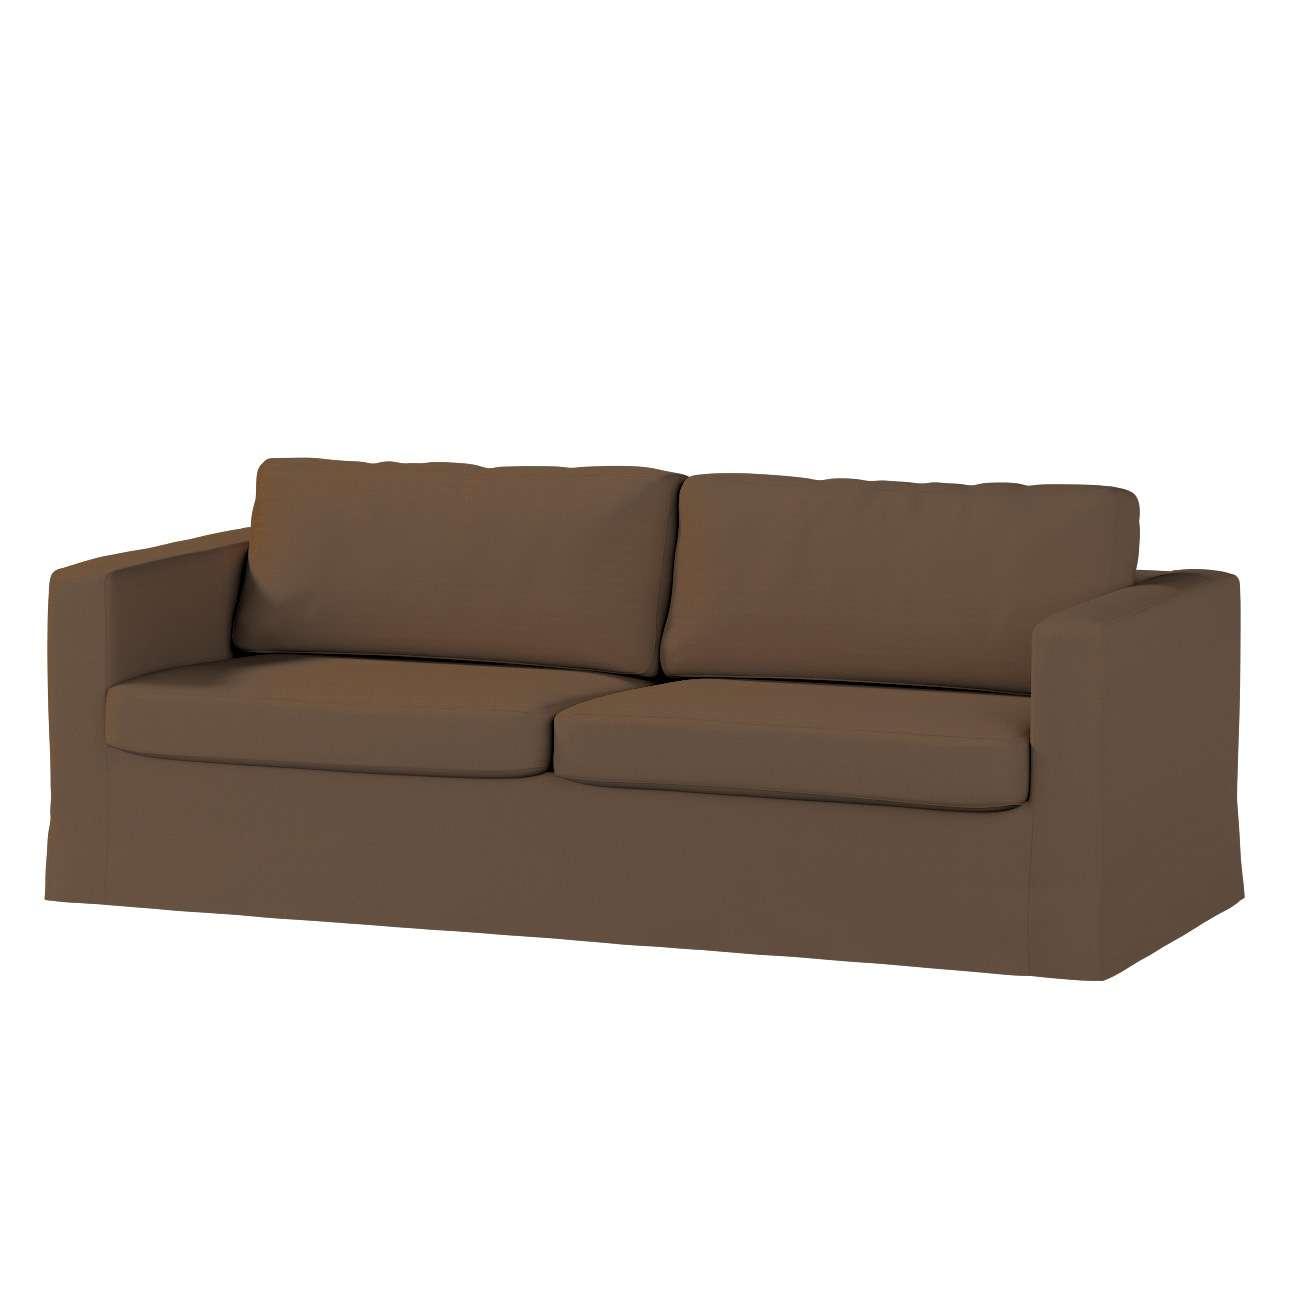 Karlstad trivietės sofos užvalkalas (ilgas, iki žemės) Karlstad trivietės sofos užvalkalas (ilgas, iki žemės) kolekcijoje Cotton Panama, audinys: 702-02